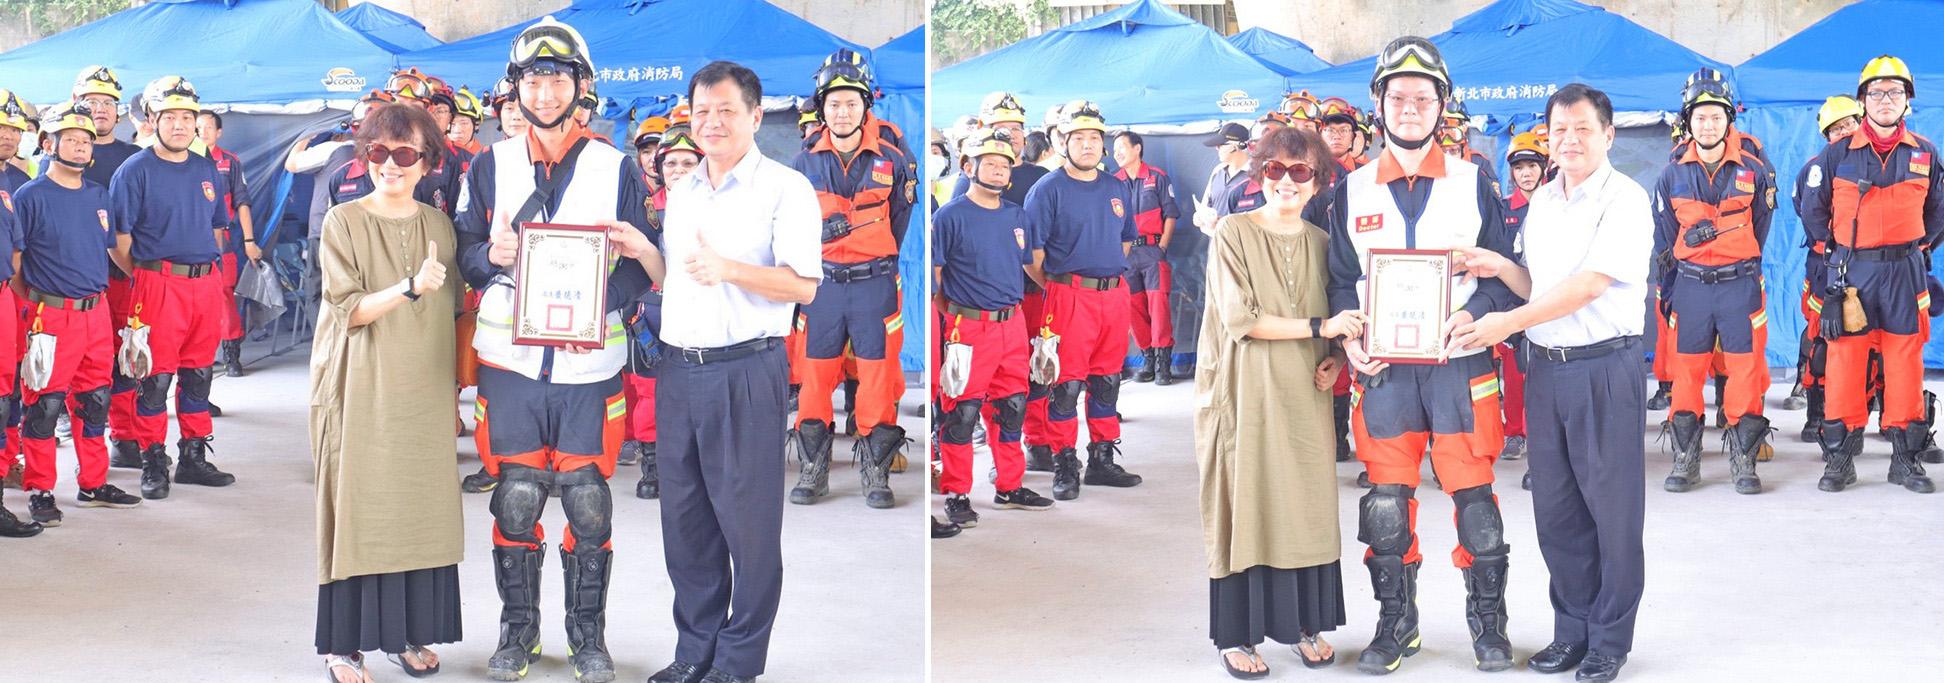 台北慈濟醫院急診部急診內科陳玉龍主任、黃懷寬住院醫師參與演練。